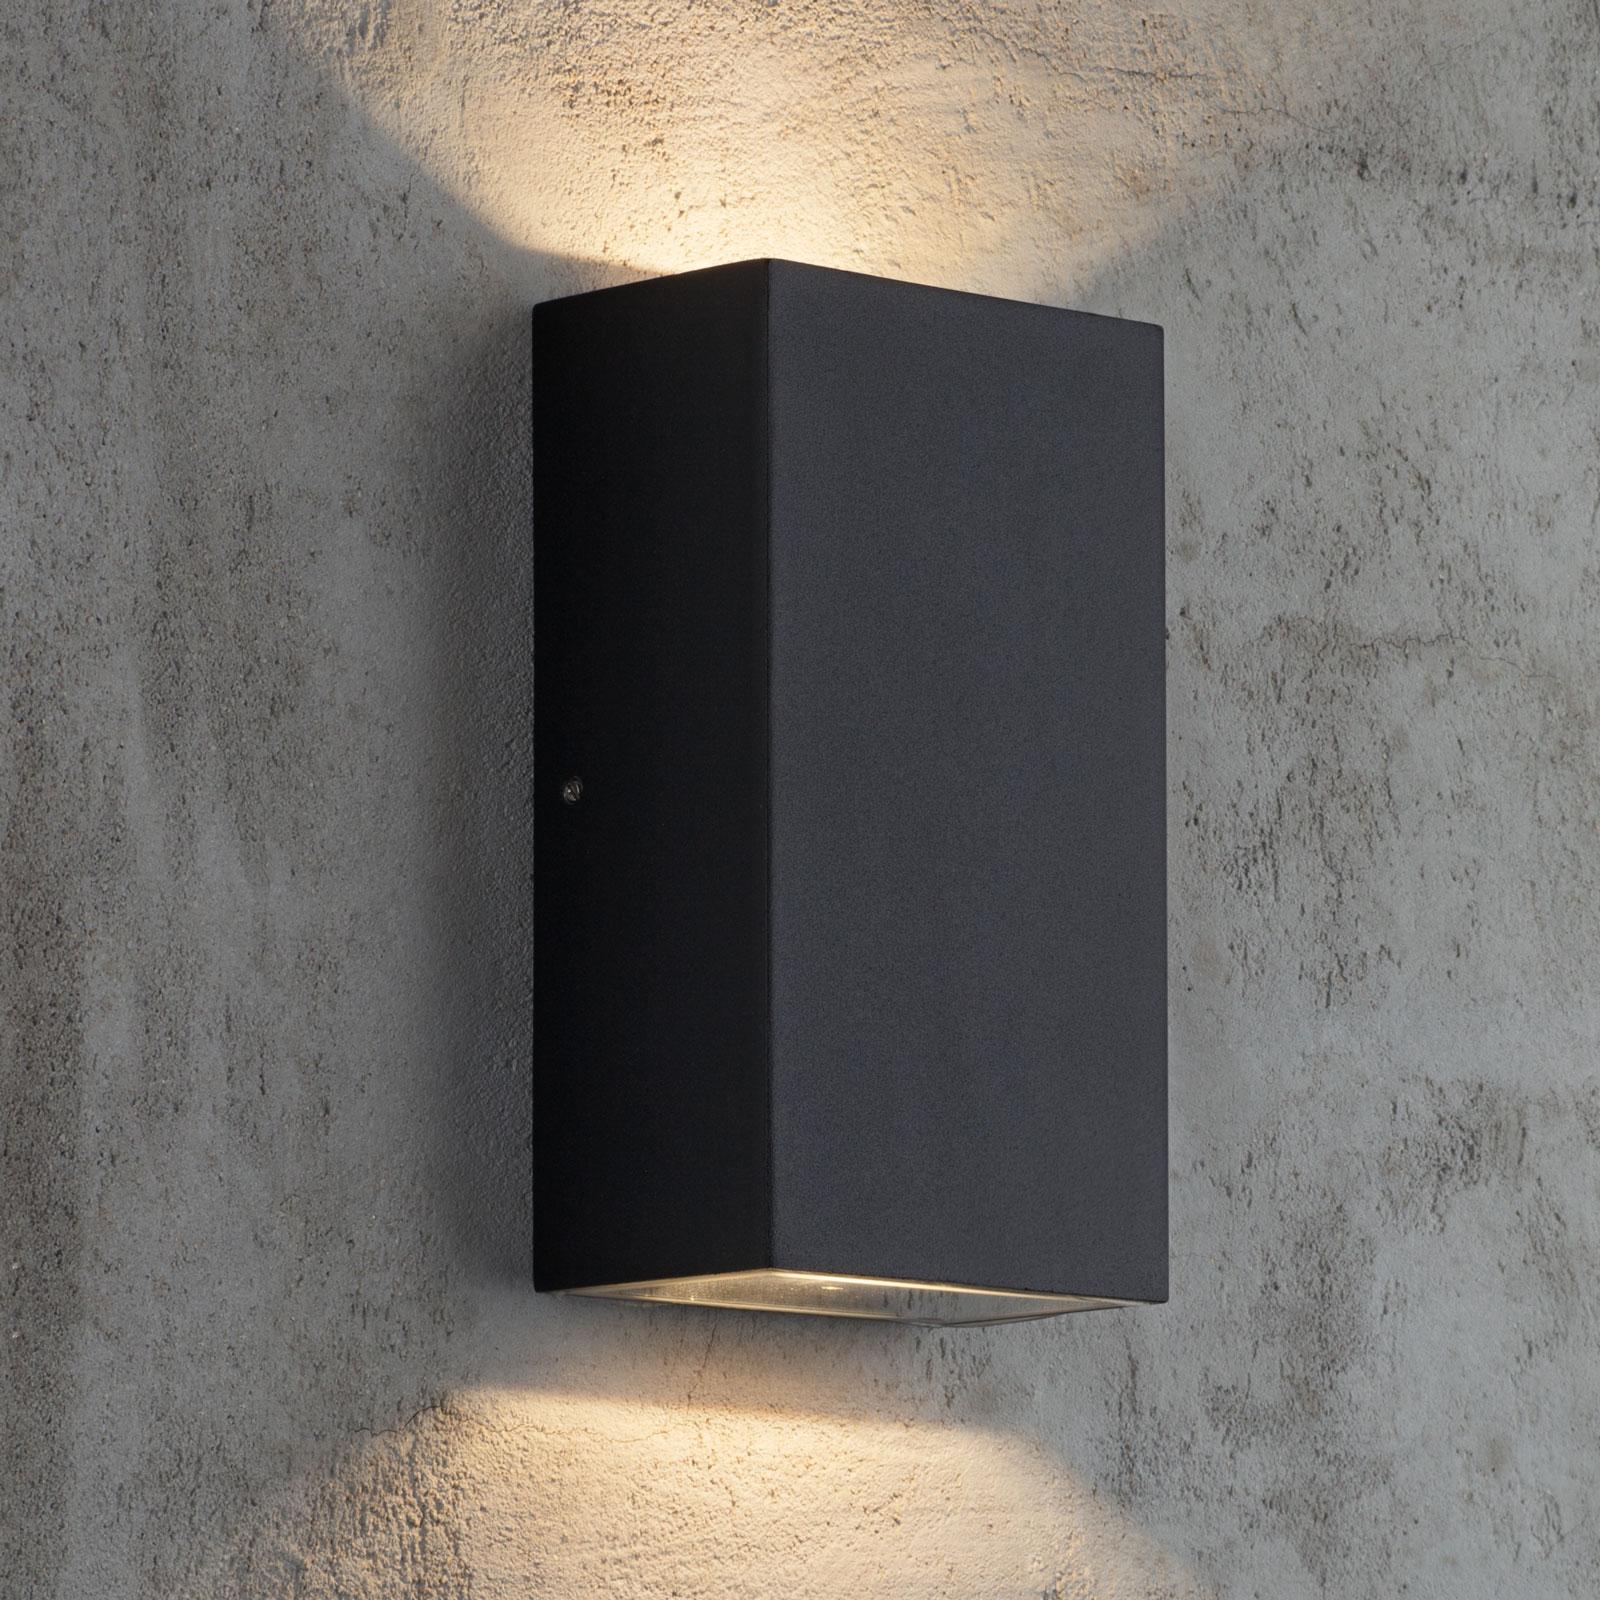 Applique LED da esterni Rold, forma angolare